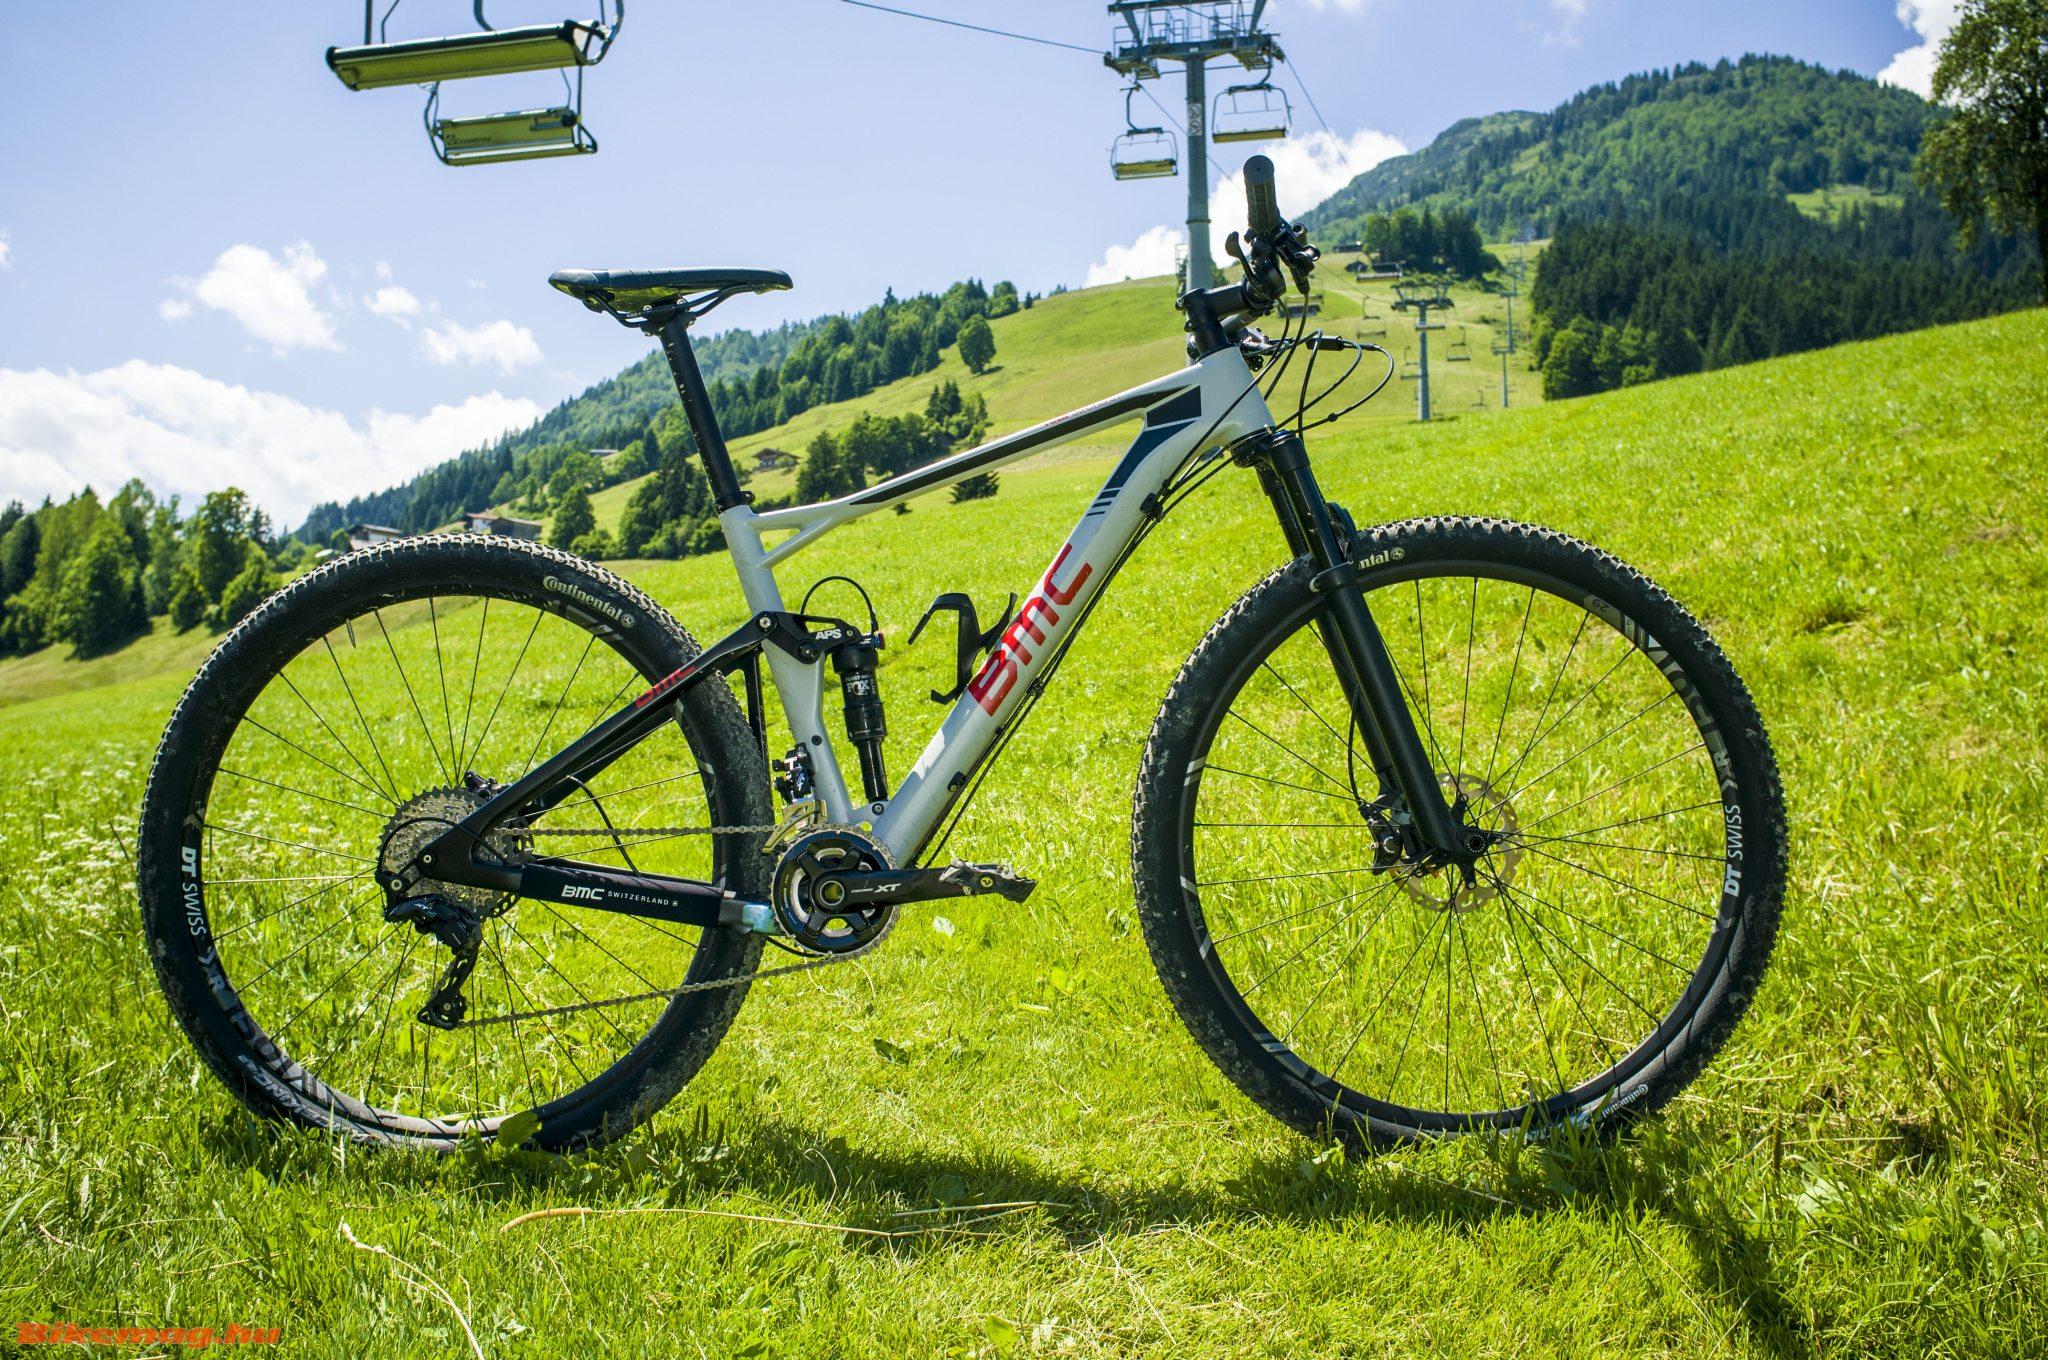 BMC fourstroke 01 XT kerékpárteszt